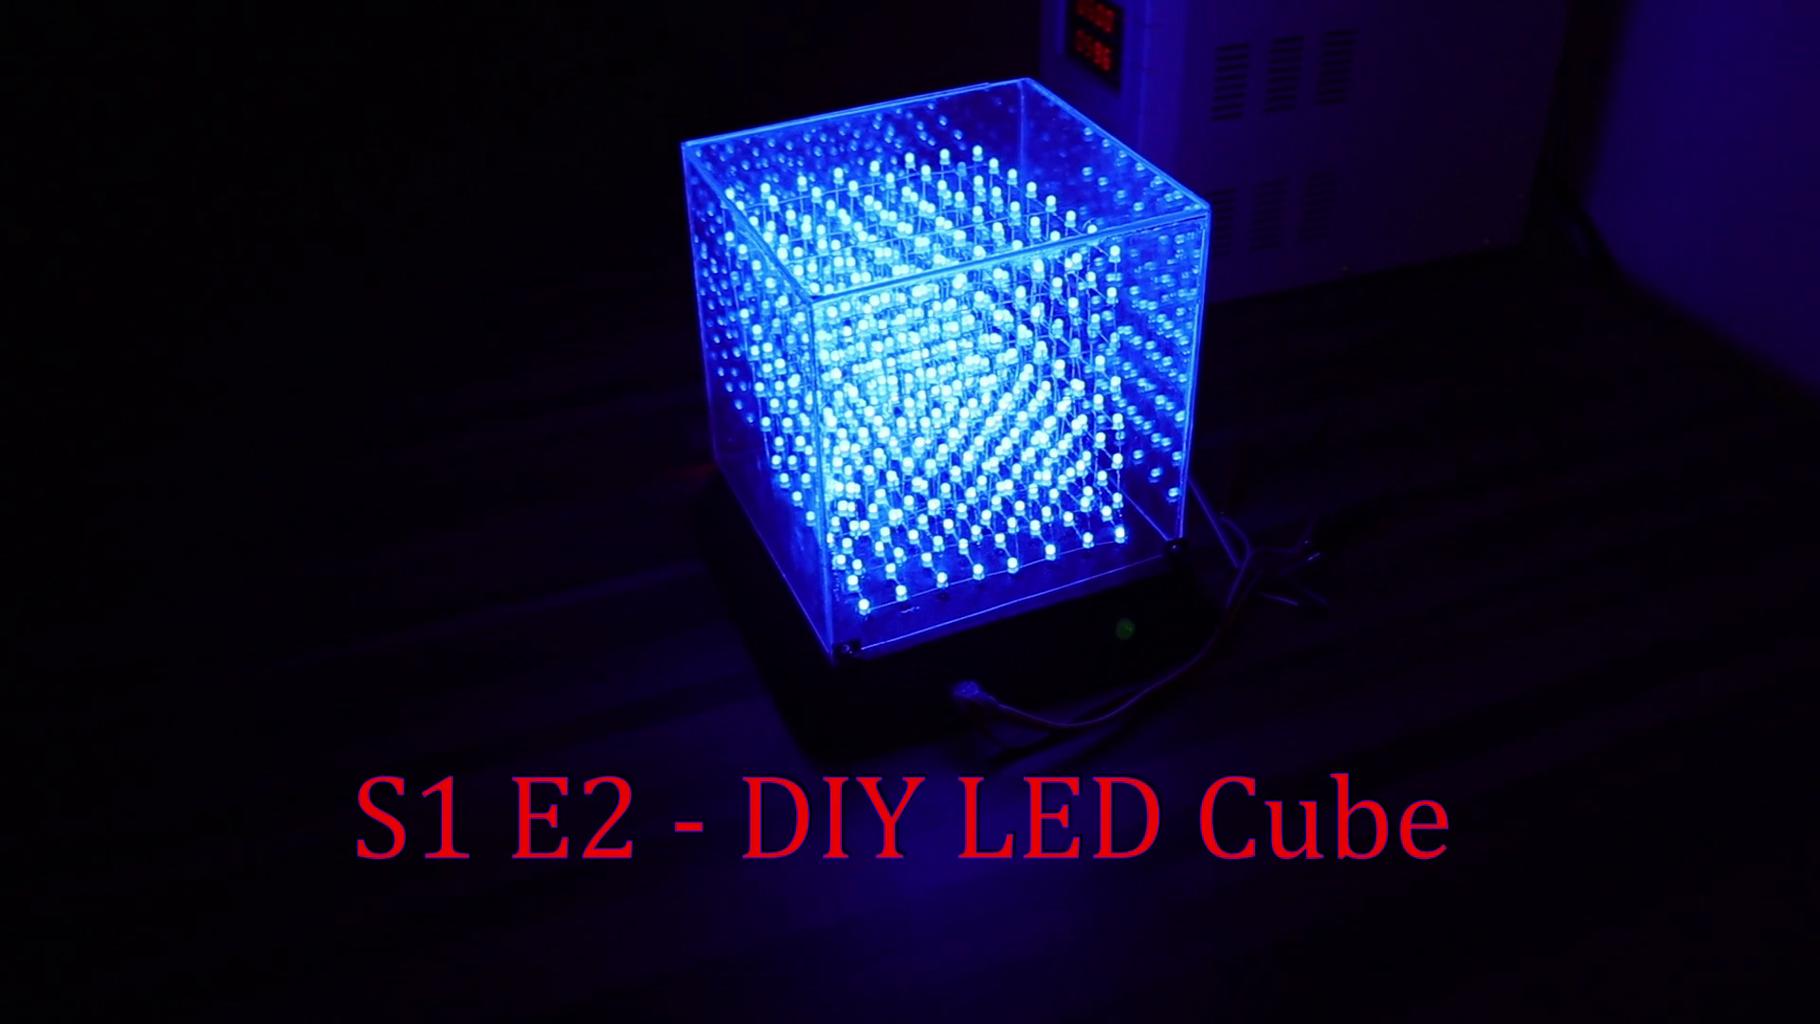 DIY LED Cube